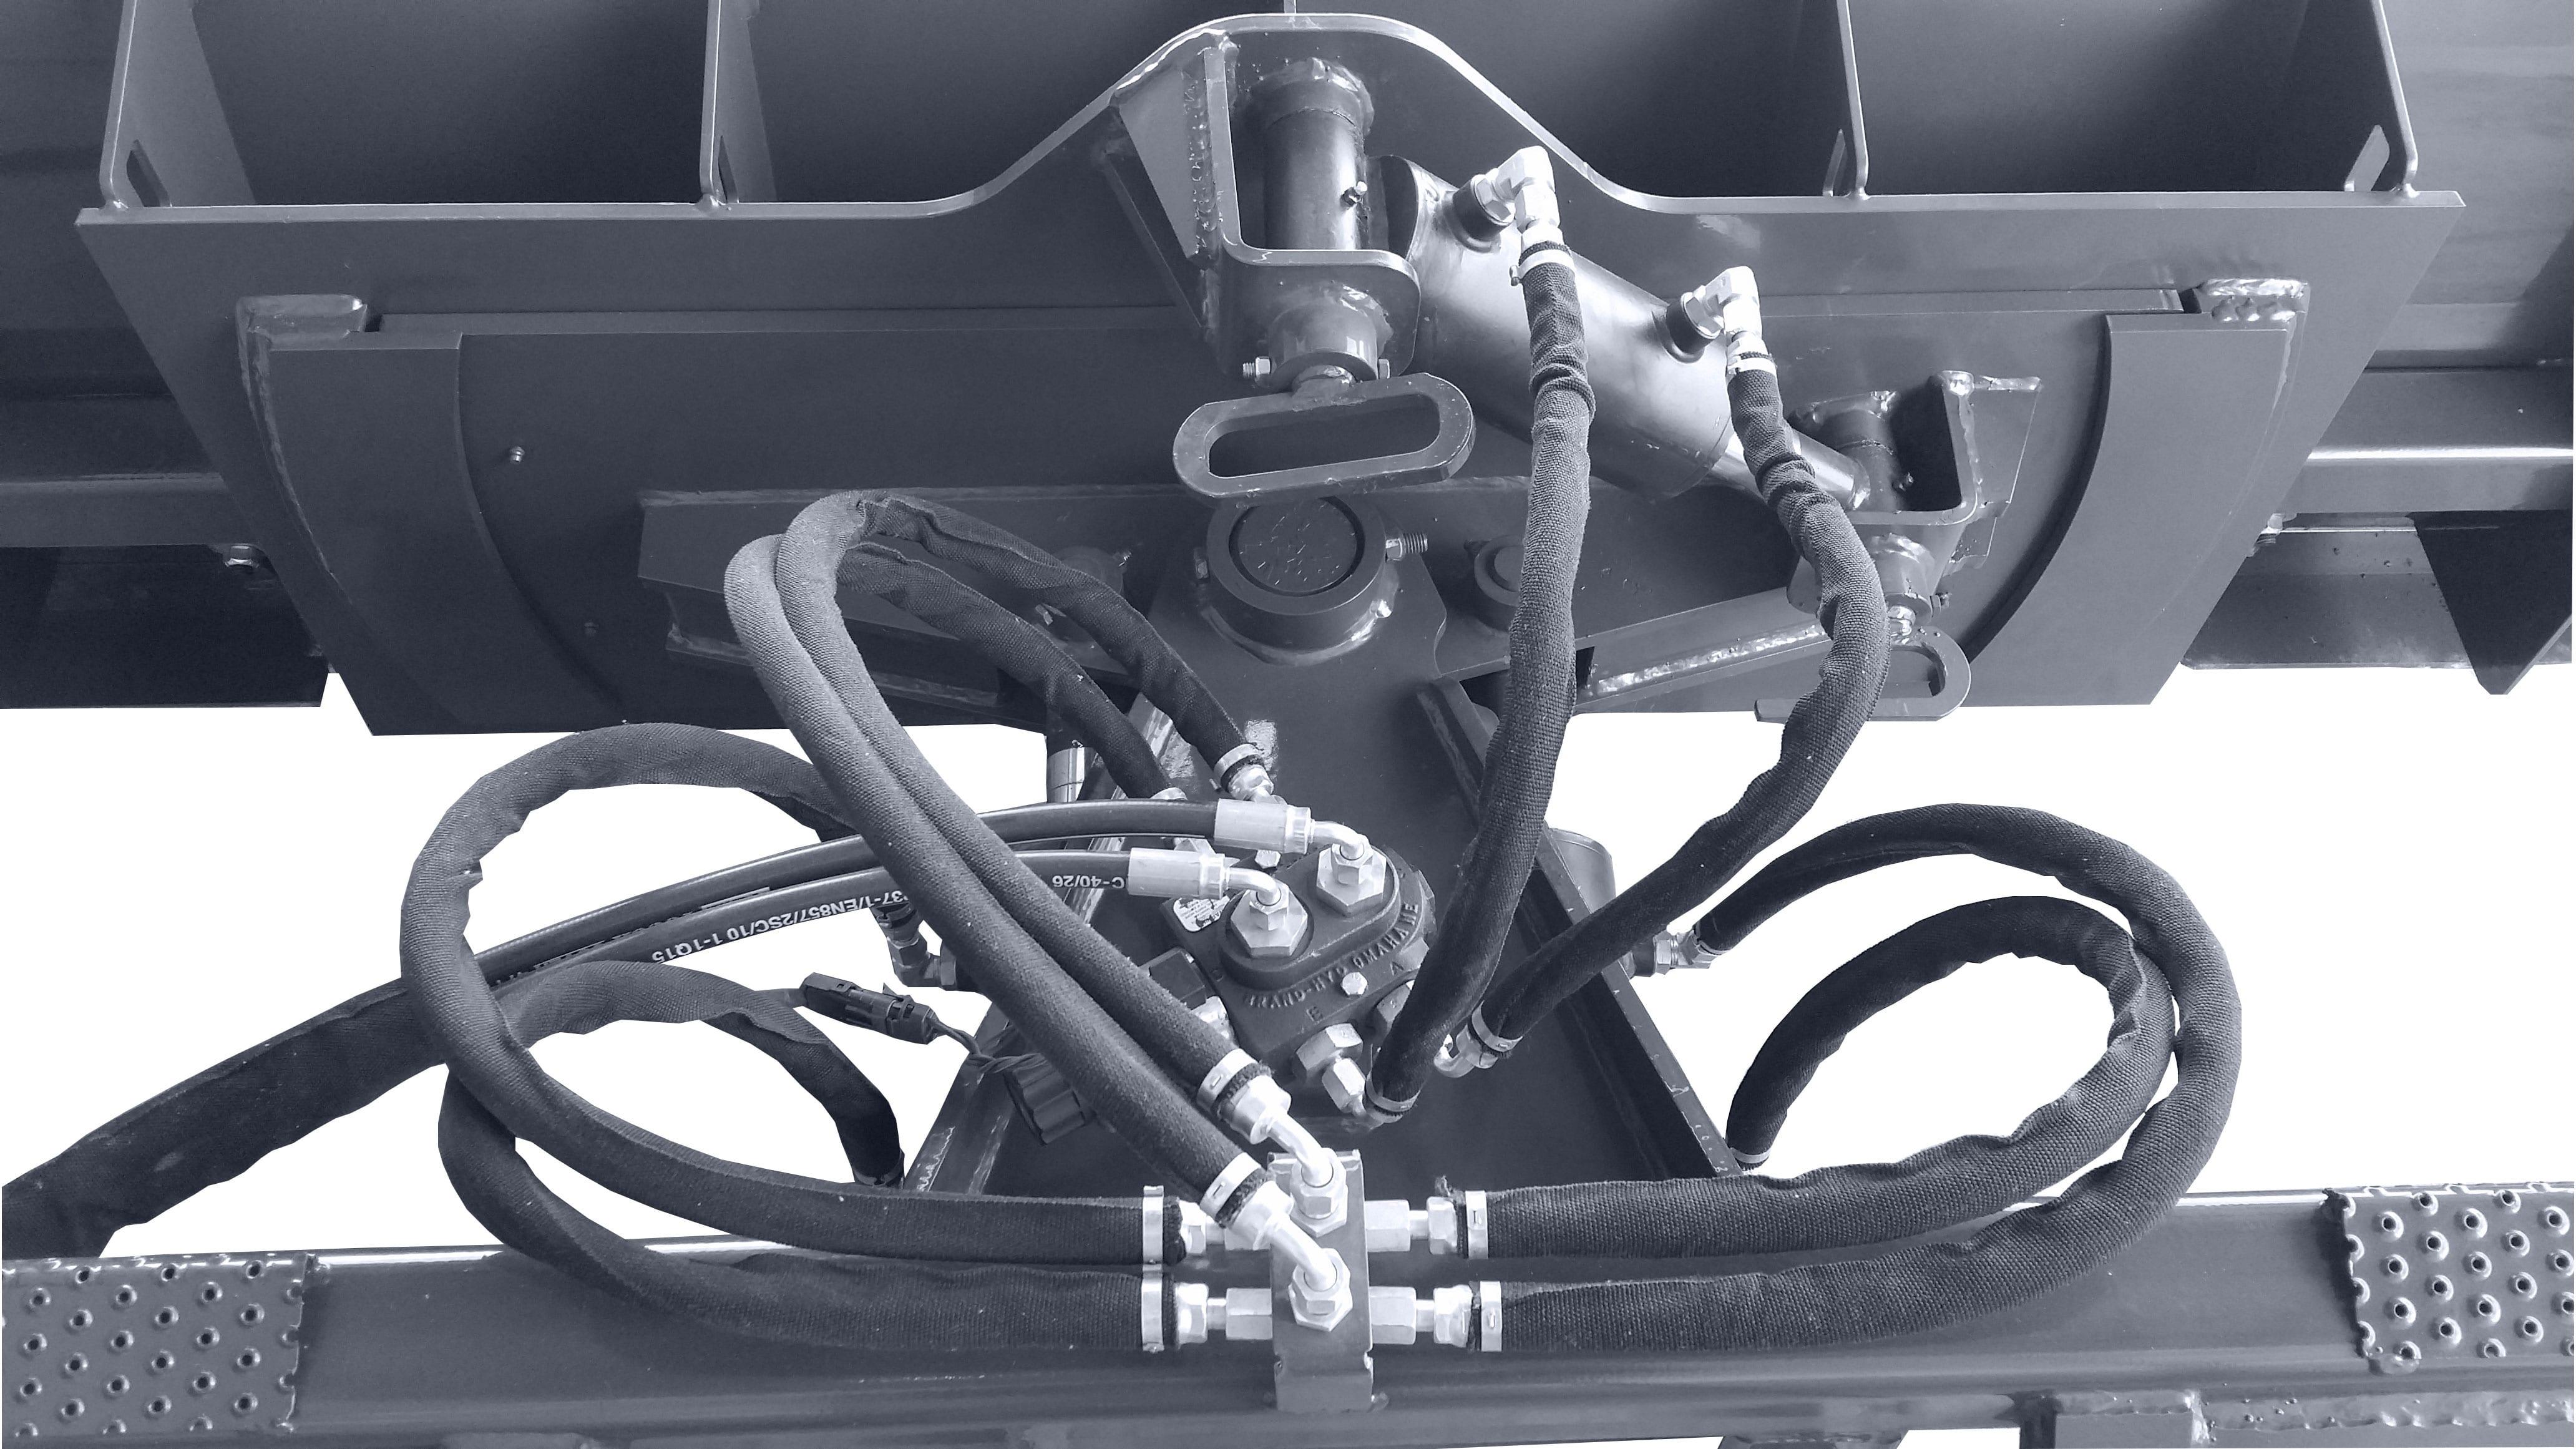 Extreme 6-Way Dozer Blade Skid Steer Attachments